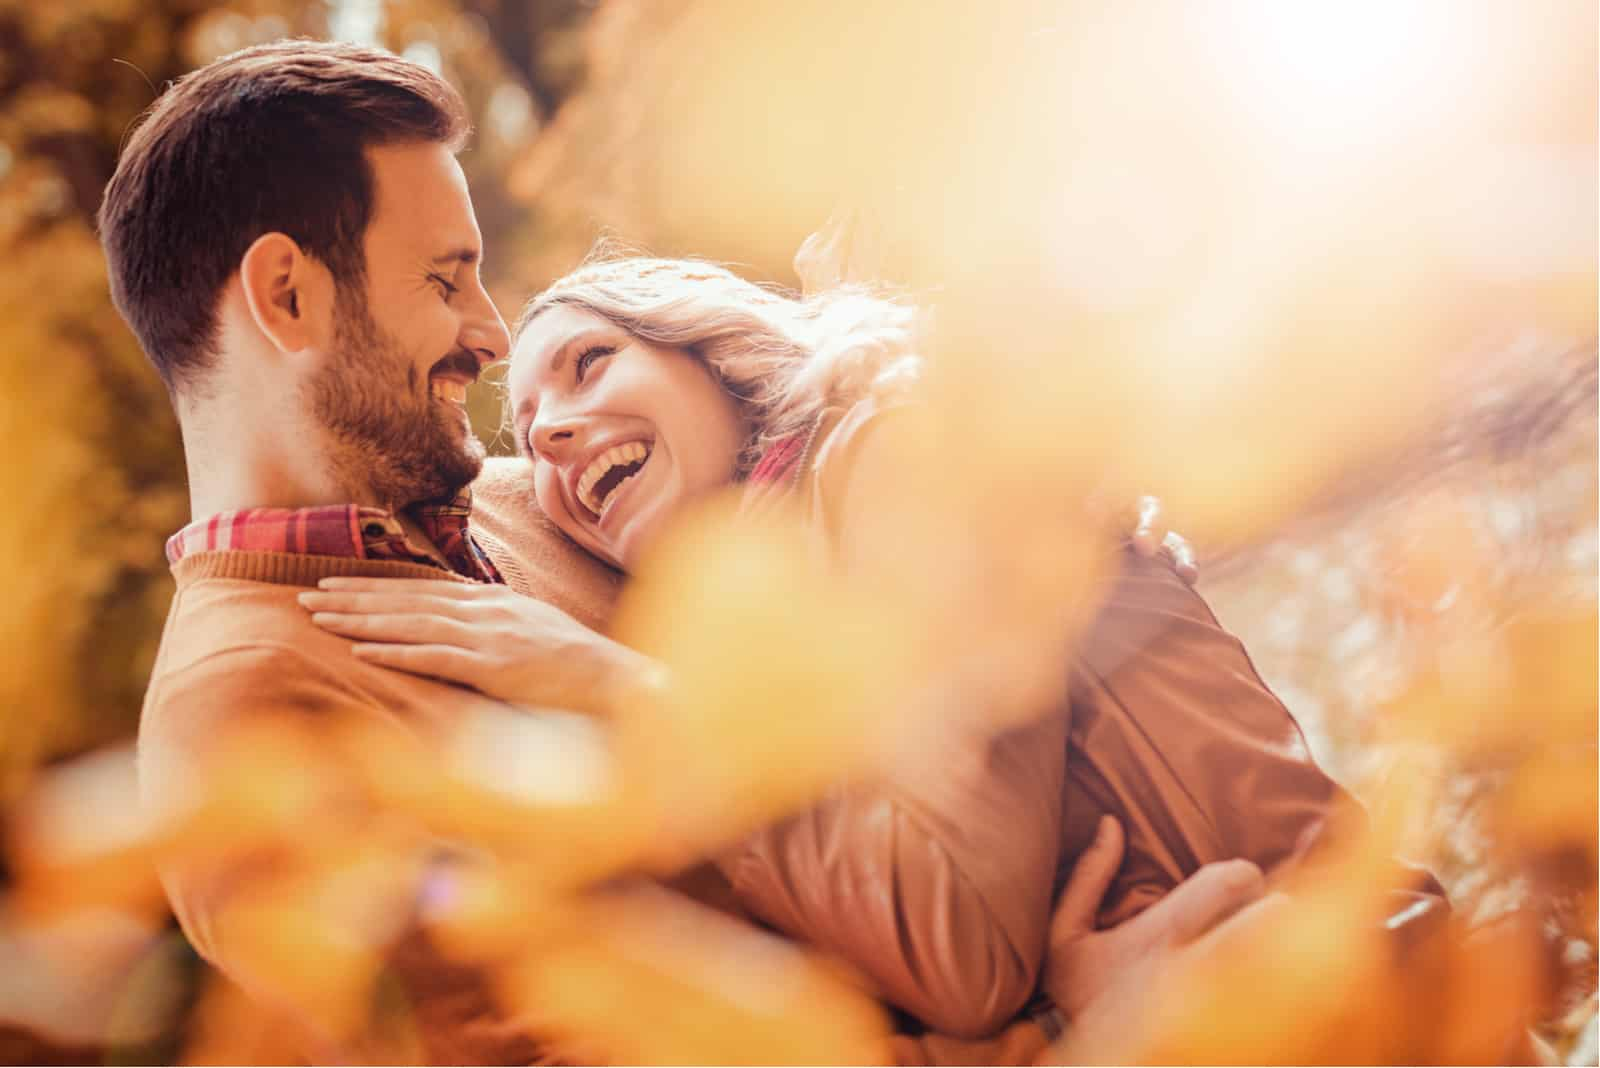 ein lächelndes Paar im Park umarmt sich